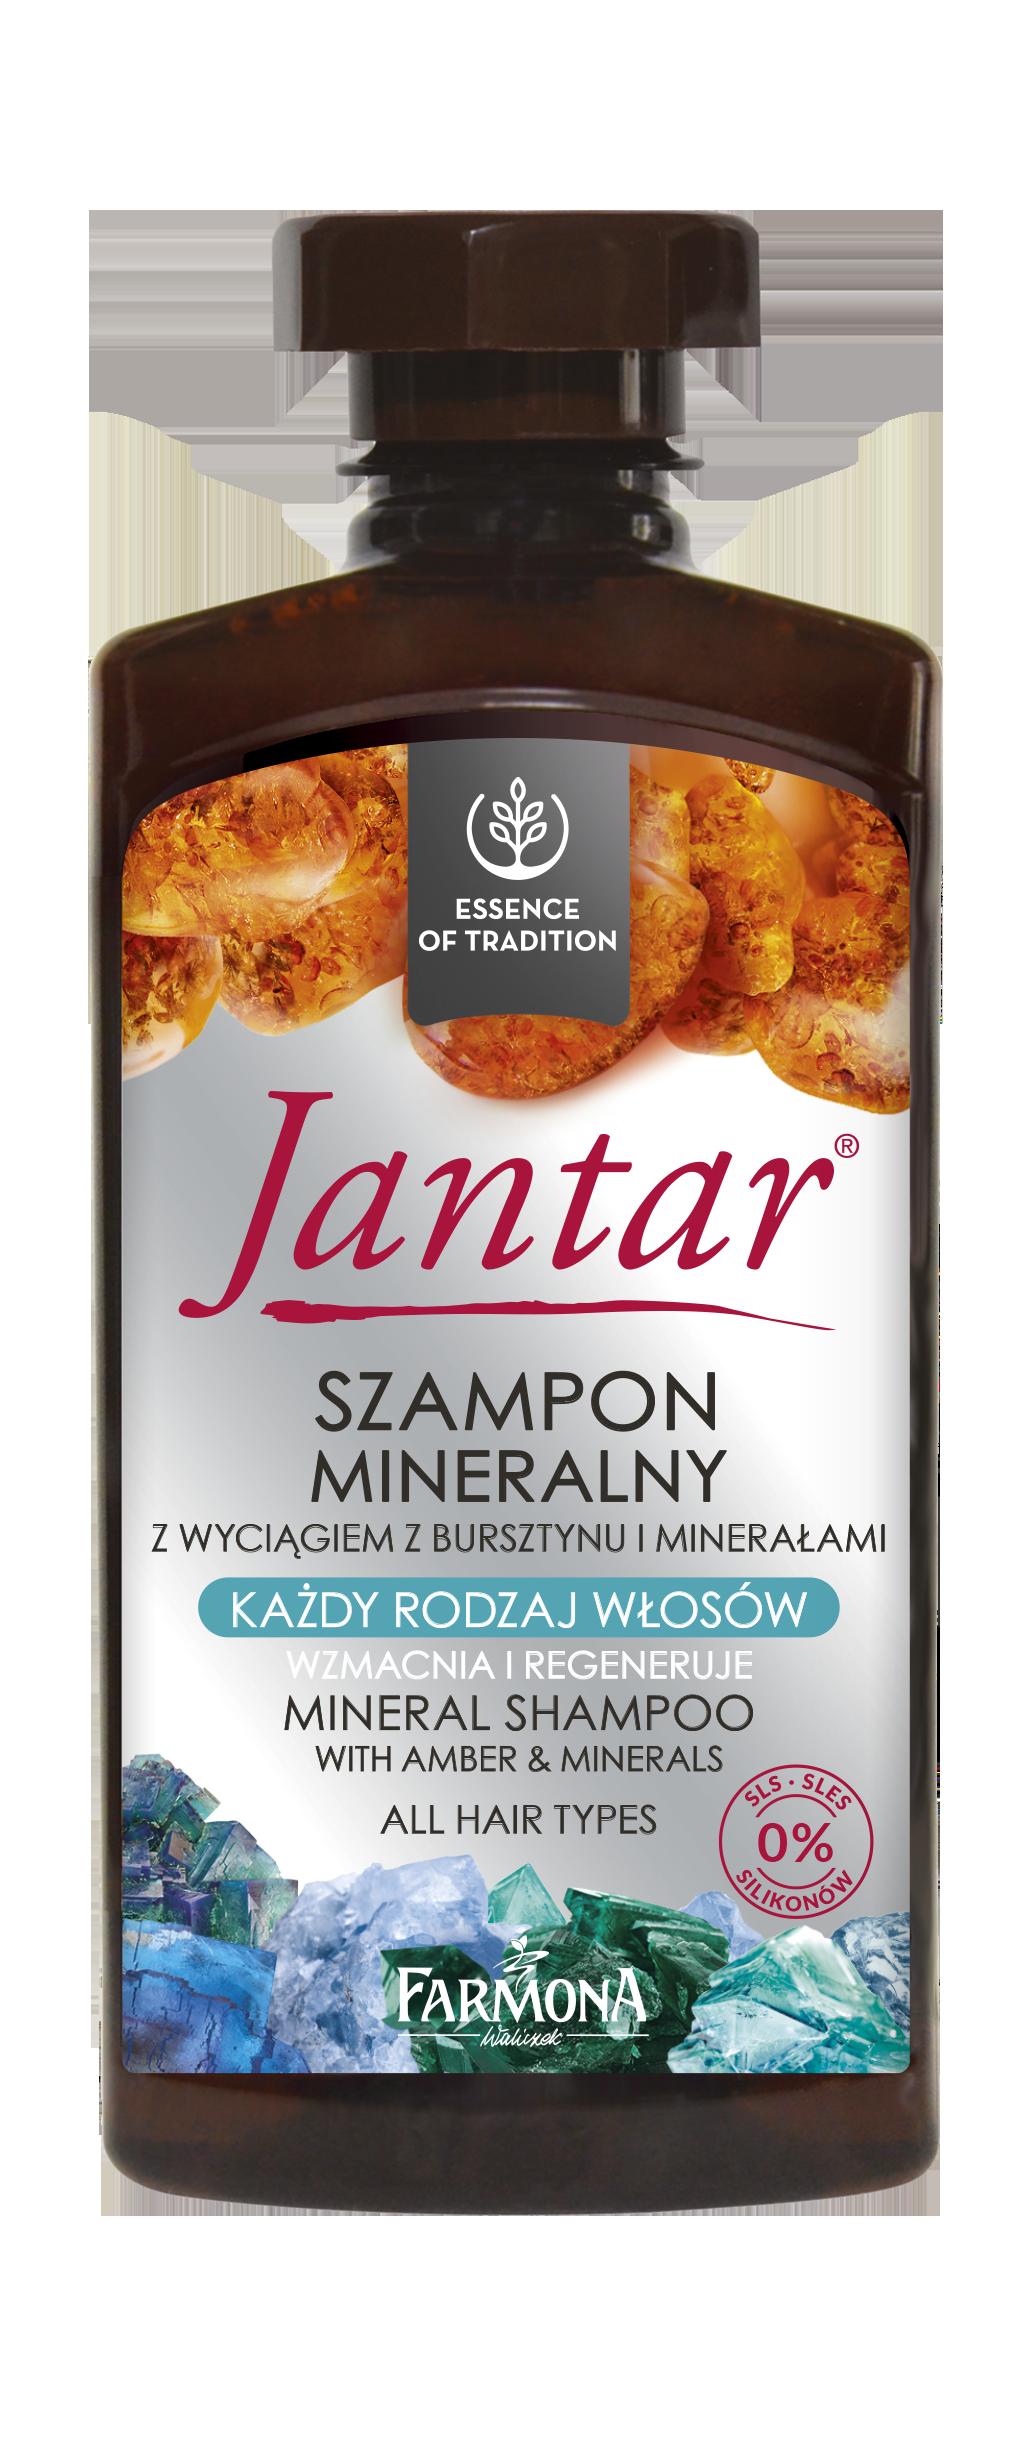 Jantar mineralny szampon do włosów